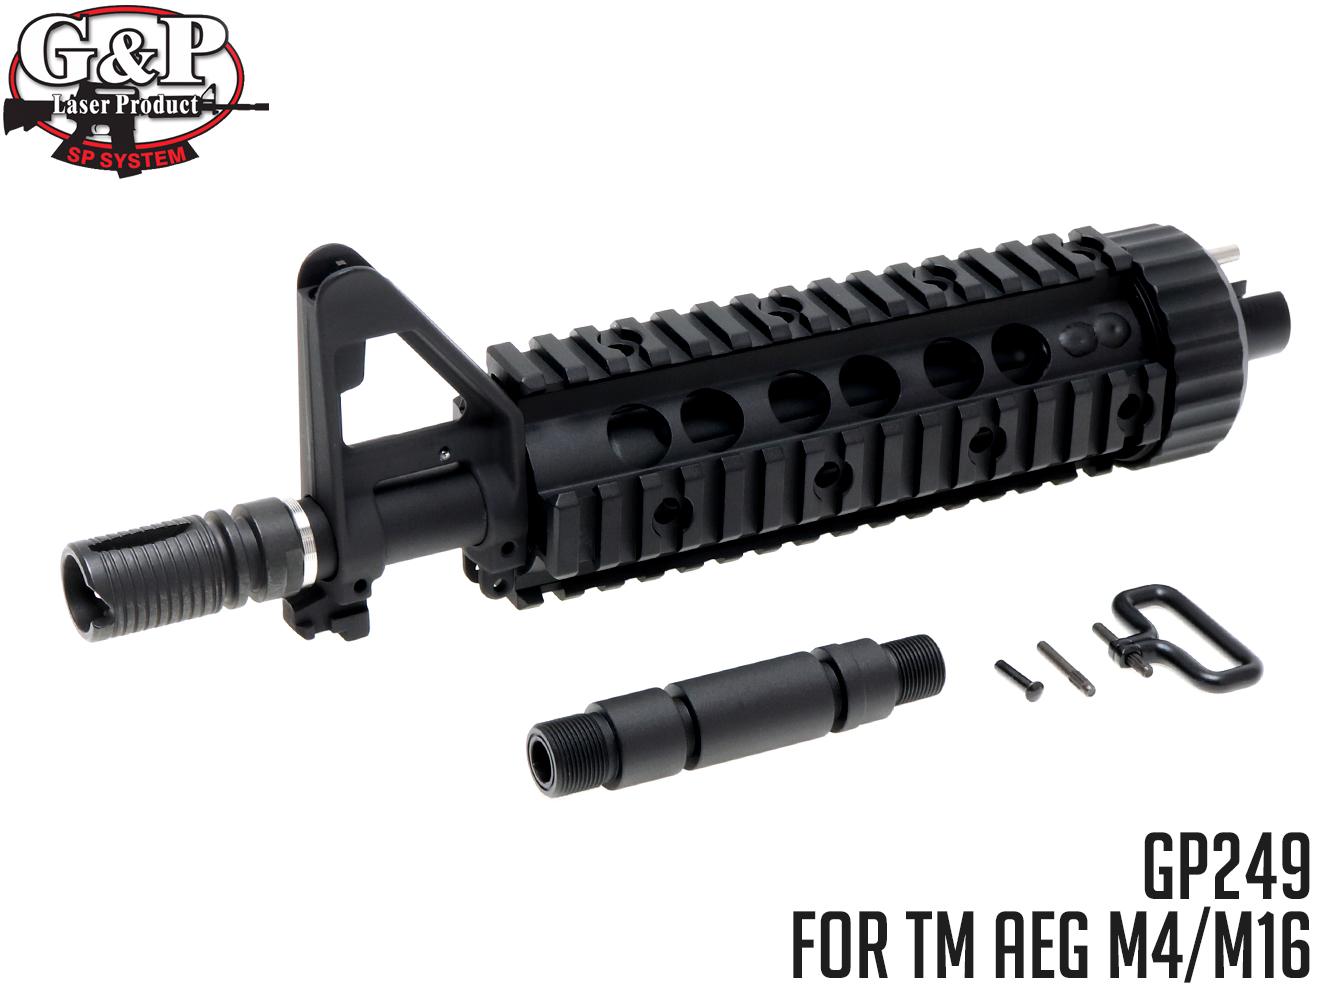 【人気のショートバレル仕様】G&P GP249 CQB/R キット for M4A1 / M16A2/BK(黒・ブラック)★東京マルイM4/M16シリーズ 検)電動ガンマルイVFCKSC